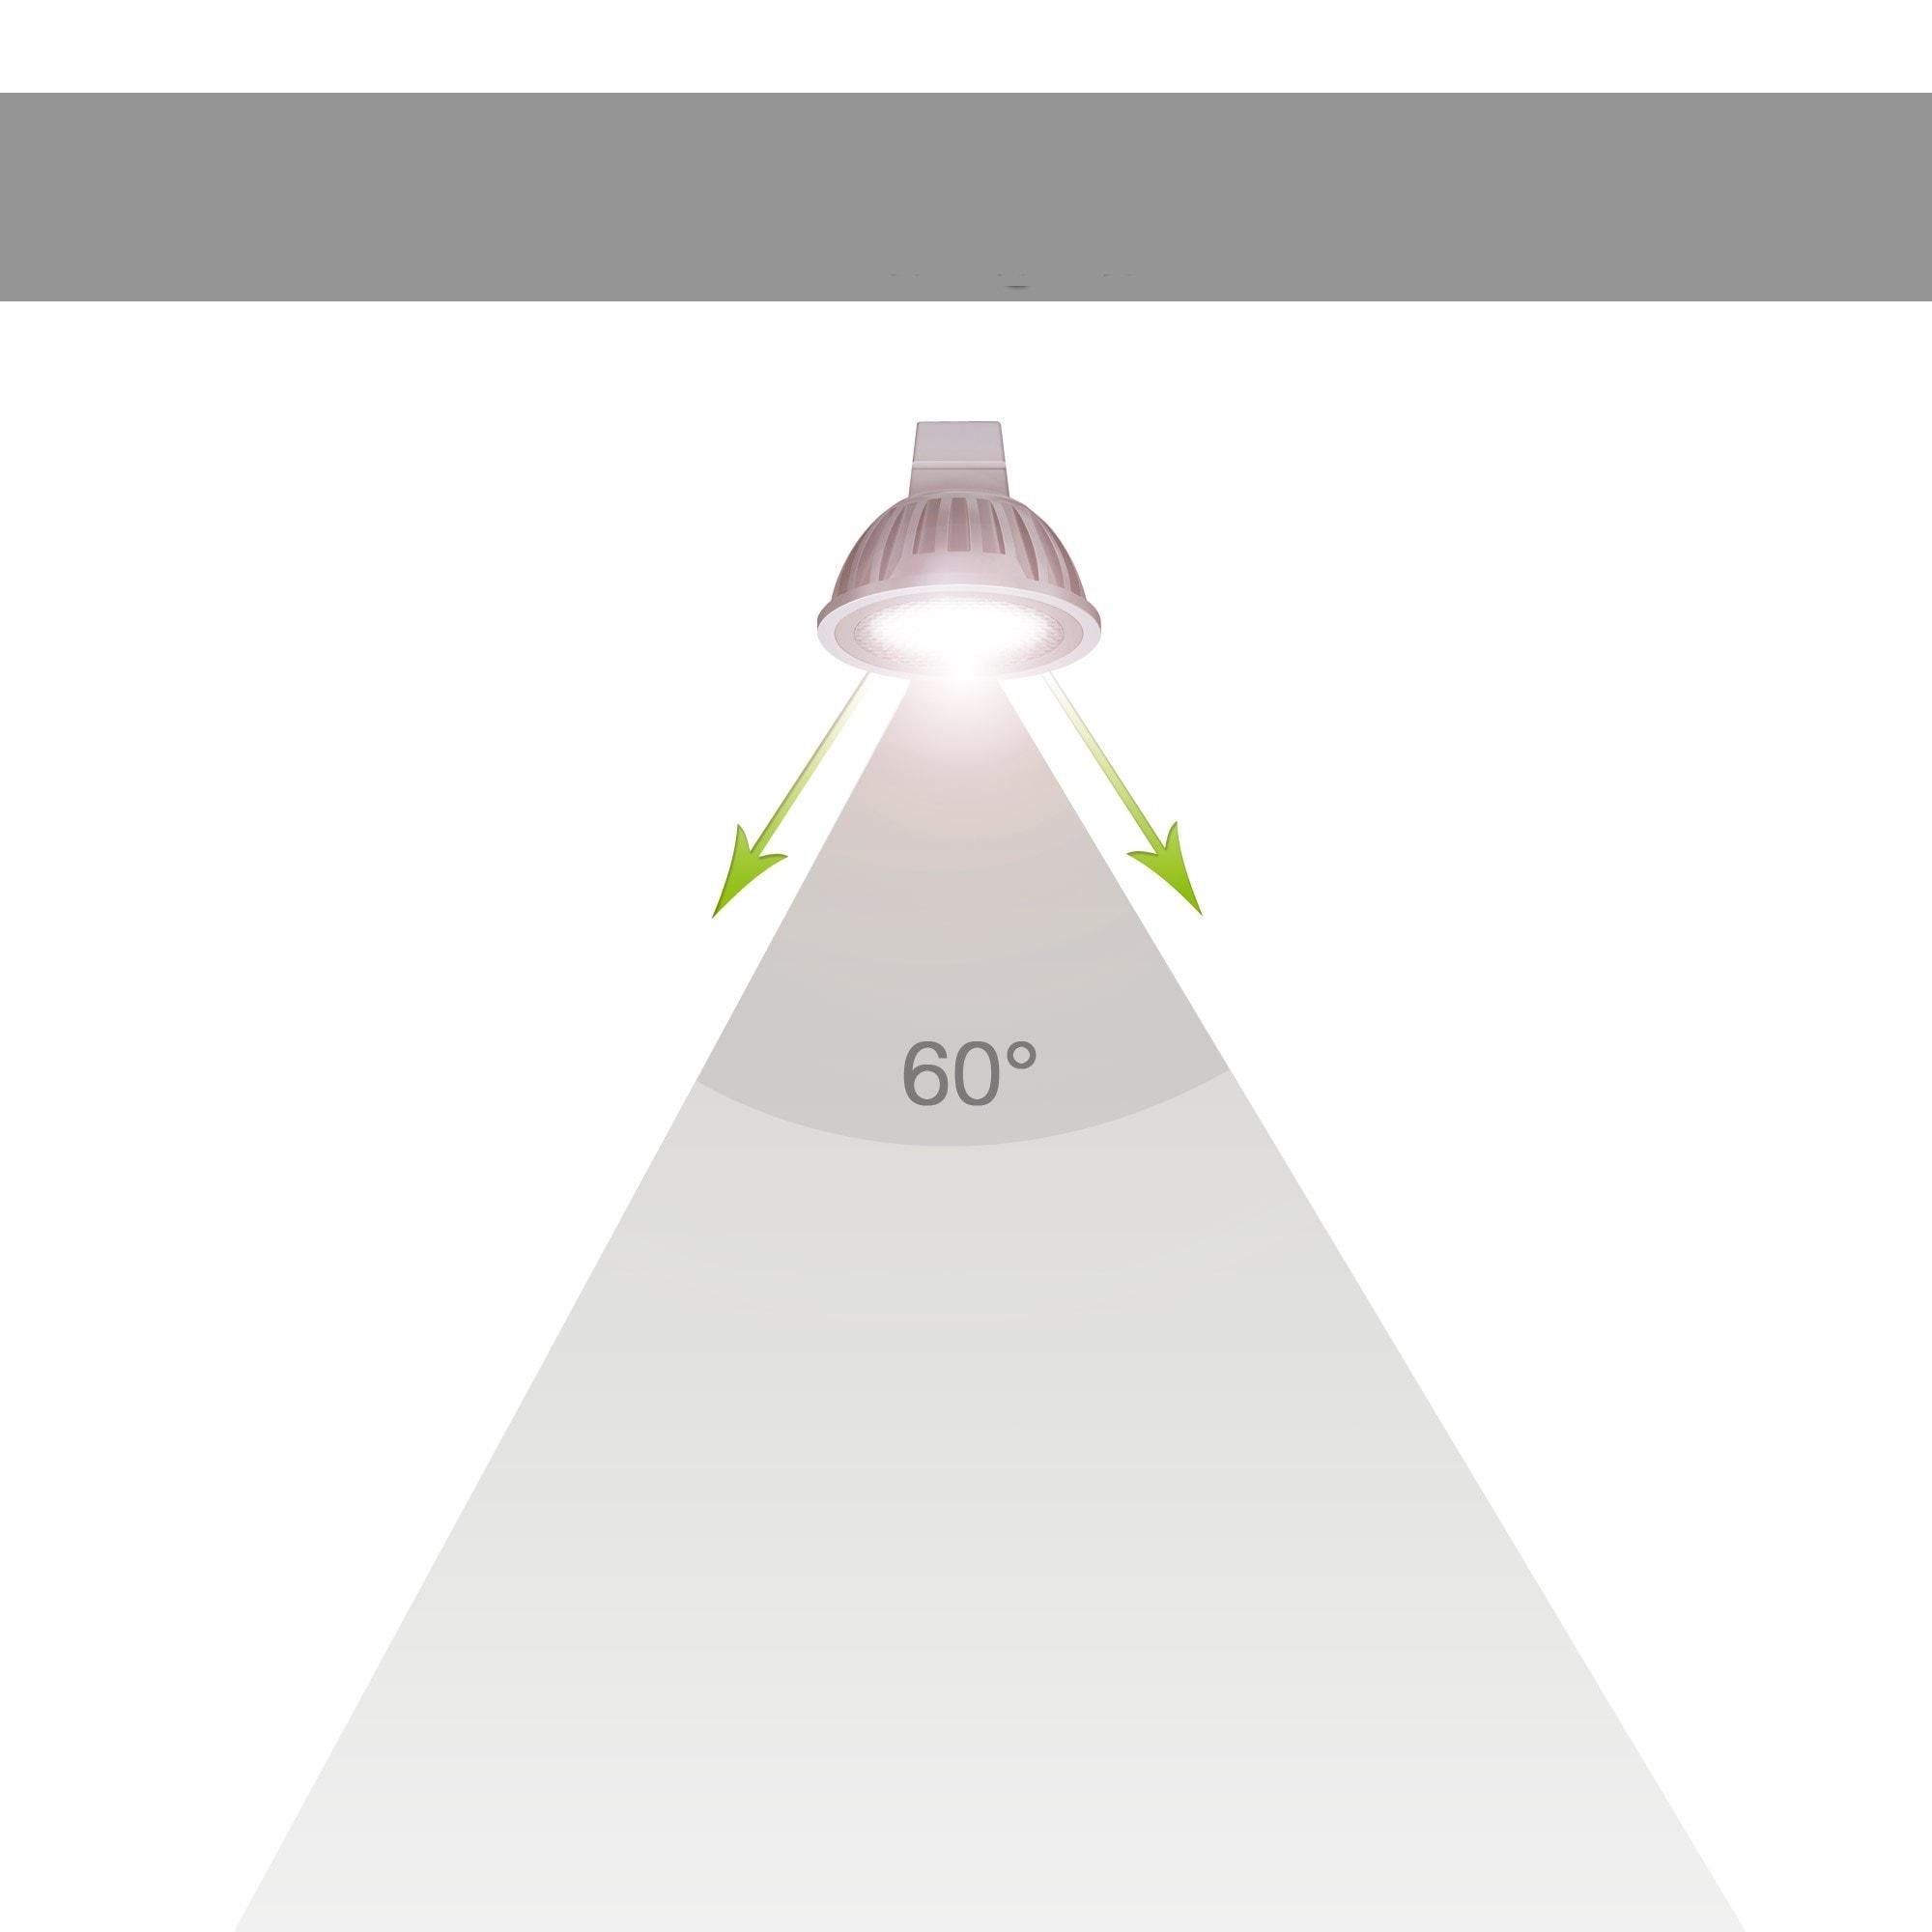 Uhol svietenia 60°